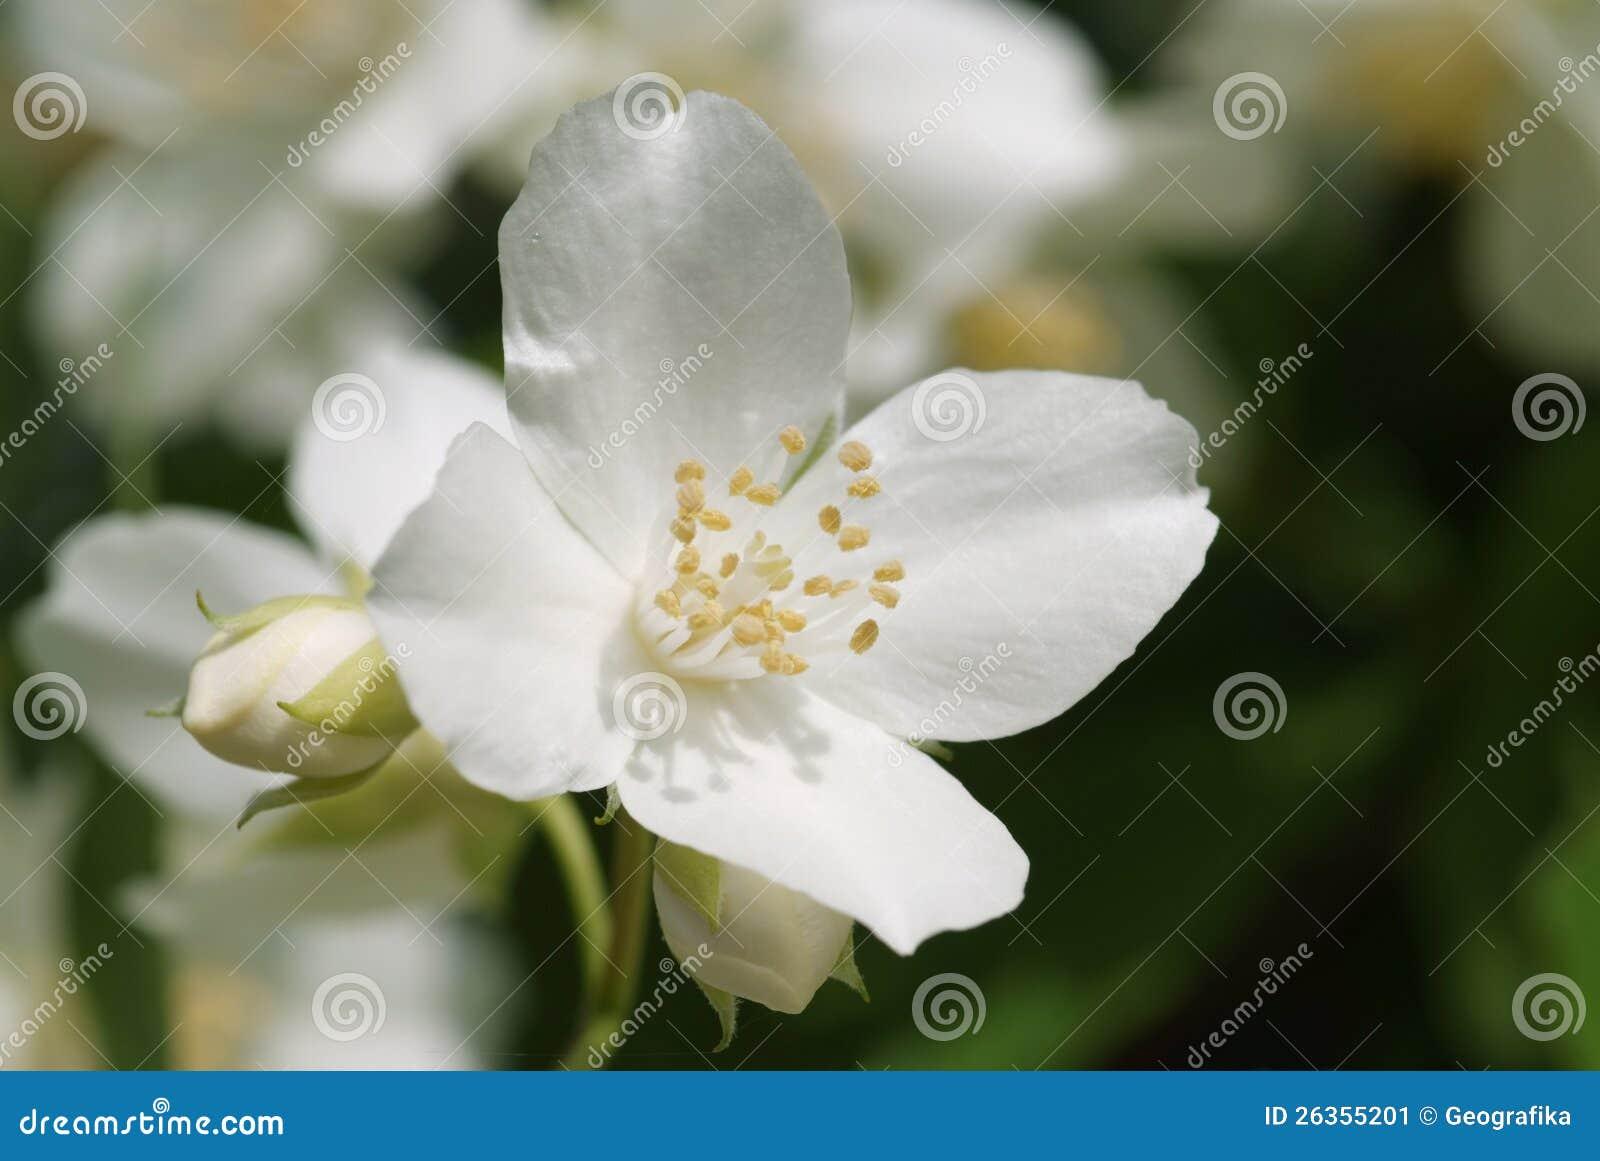 Weiße Blüte der süßen Scheinorange